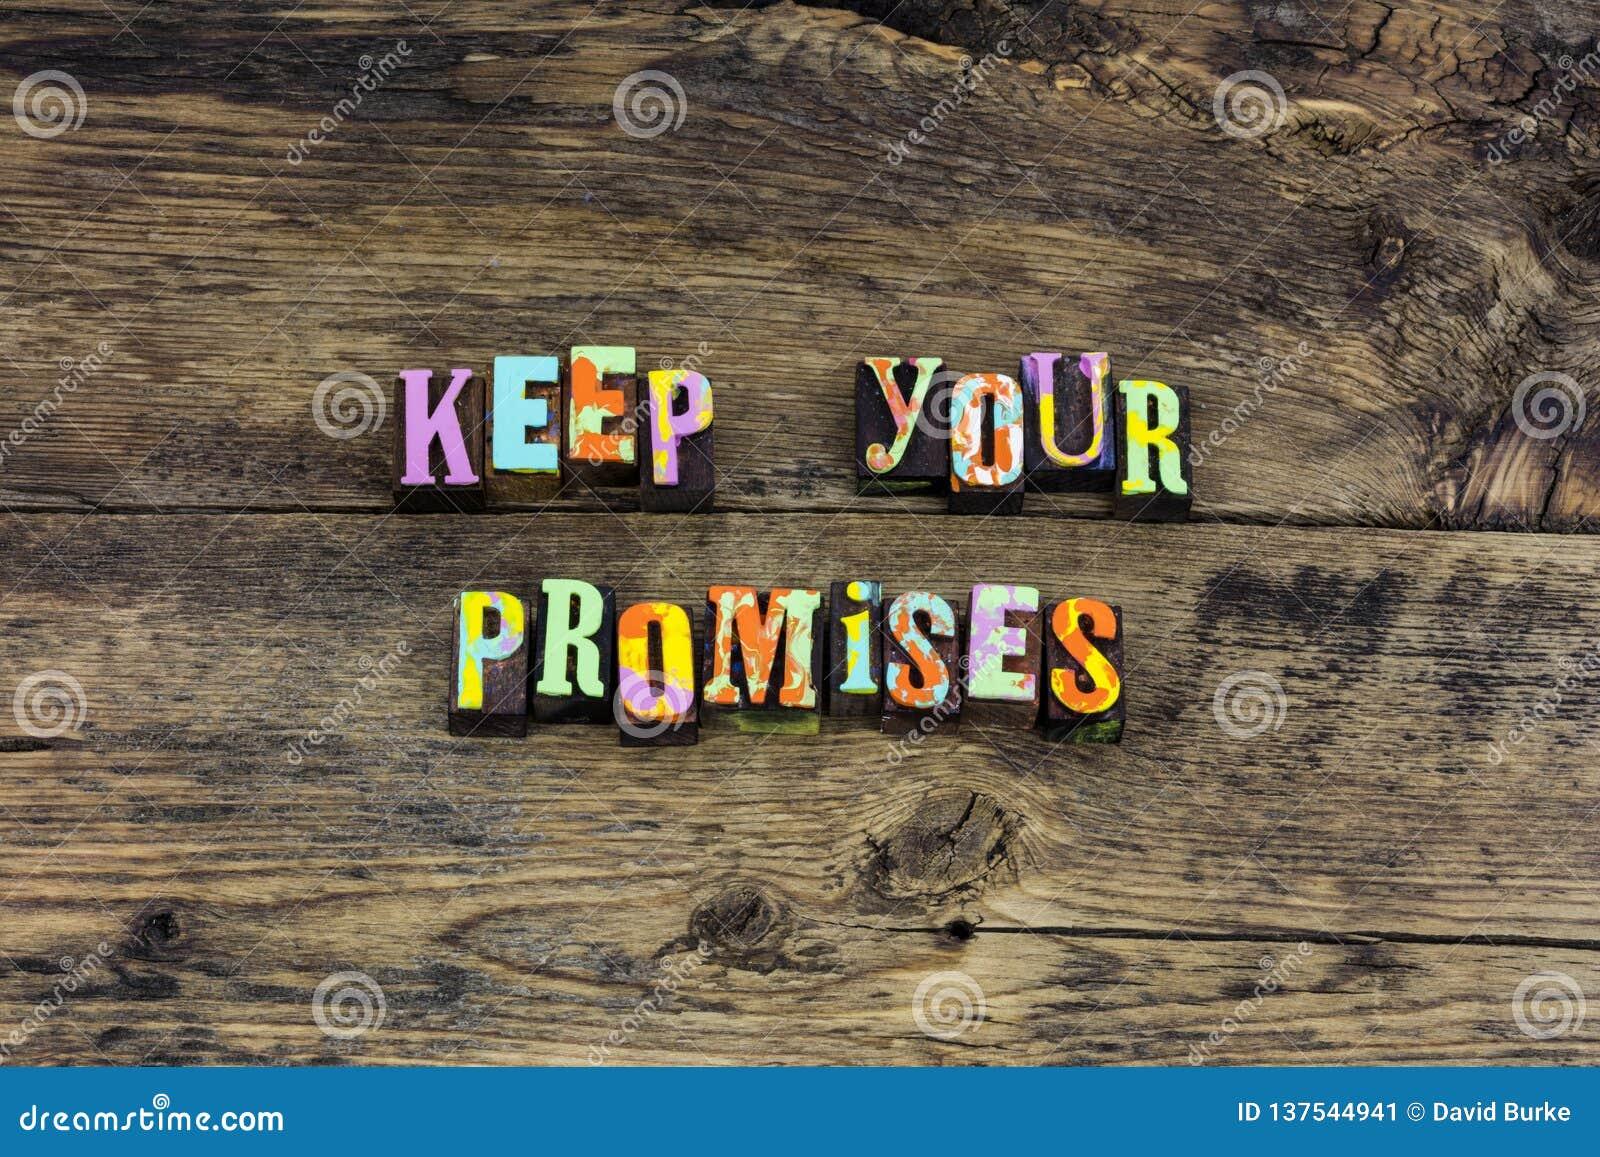 Κρατήστε την τυπογραφία καρδιών ακεραιότητας τιμιότητας υπόσχεσης